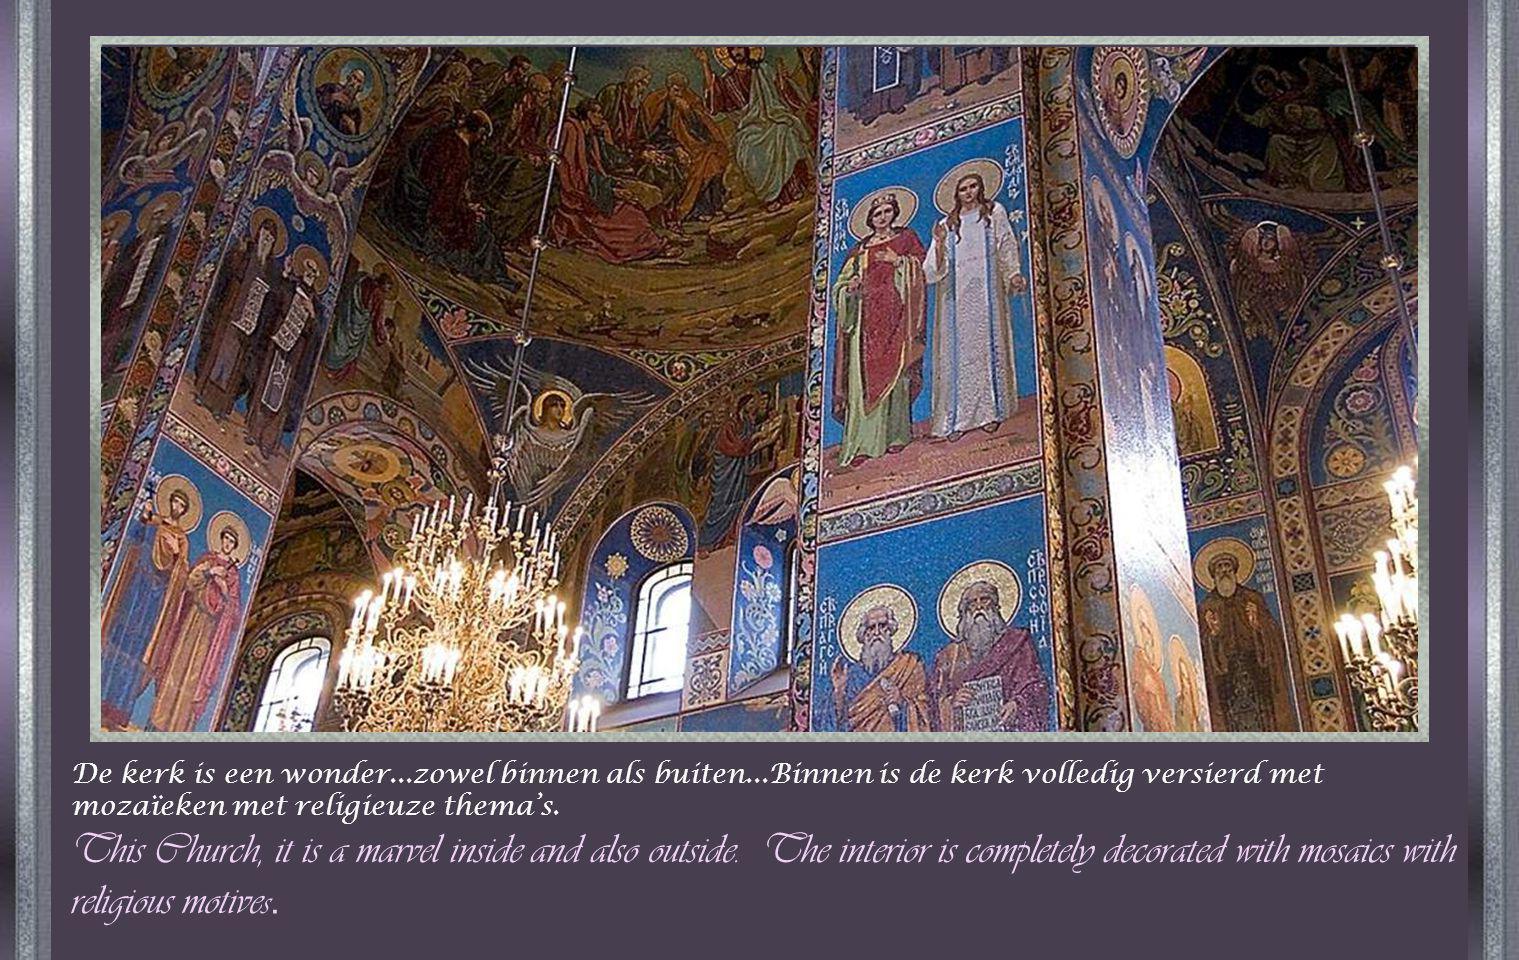 De bouw duurde 44 jaar en op 20 mei 1883 – de dag van de kroning van Alexander III – werd de kerk opengesteld voor de eredienst.